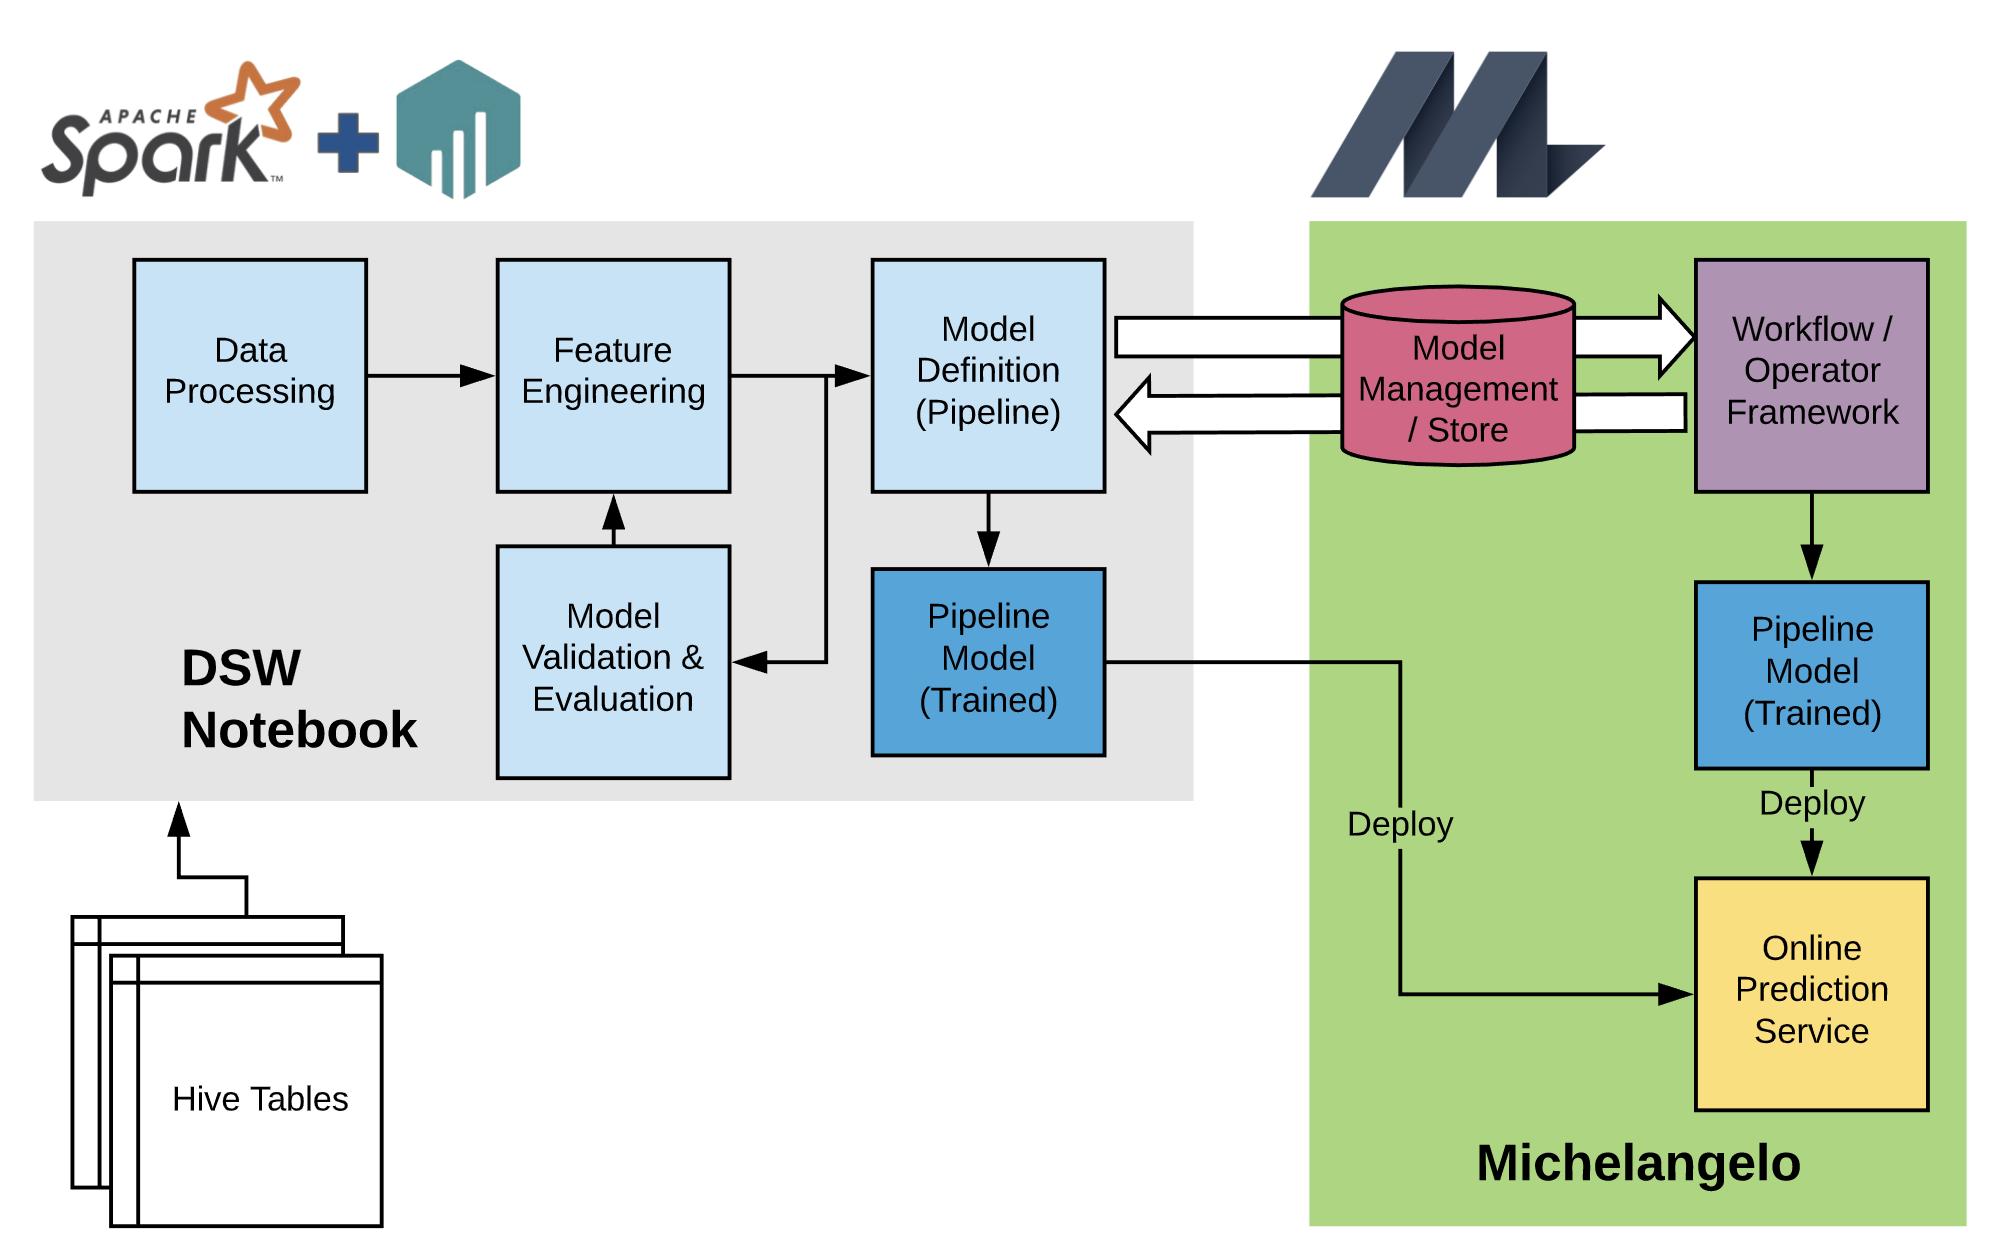 具有活动 Spark 会话的外部环境可以无缝地反序列化来自 Michelangelo 的经过训练的管道模型,并序列化供 Michelangelo 生态系统的其余部分使用的模型。Apache Spark 是 Apache 软件基金会在美国和 / 或其他国家的注册商标。使用这个标识并不意味着 Apache 软件基金会的认可。